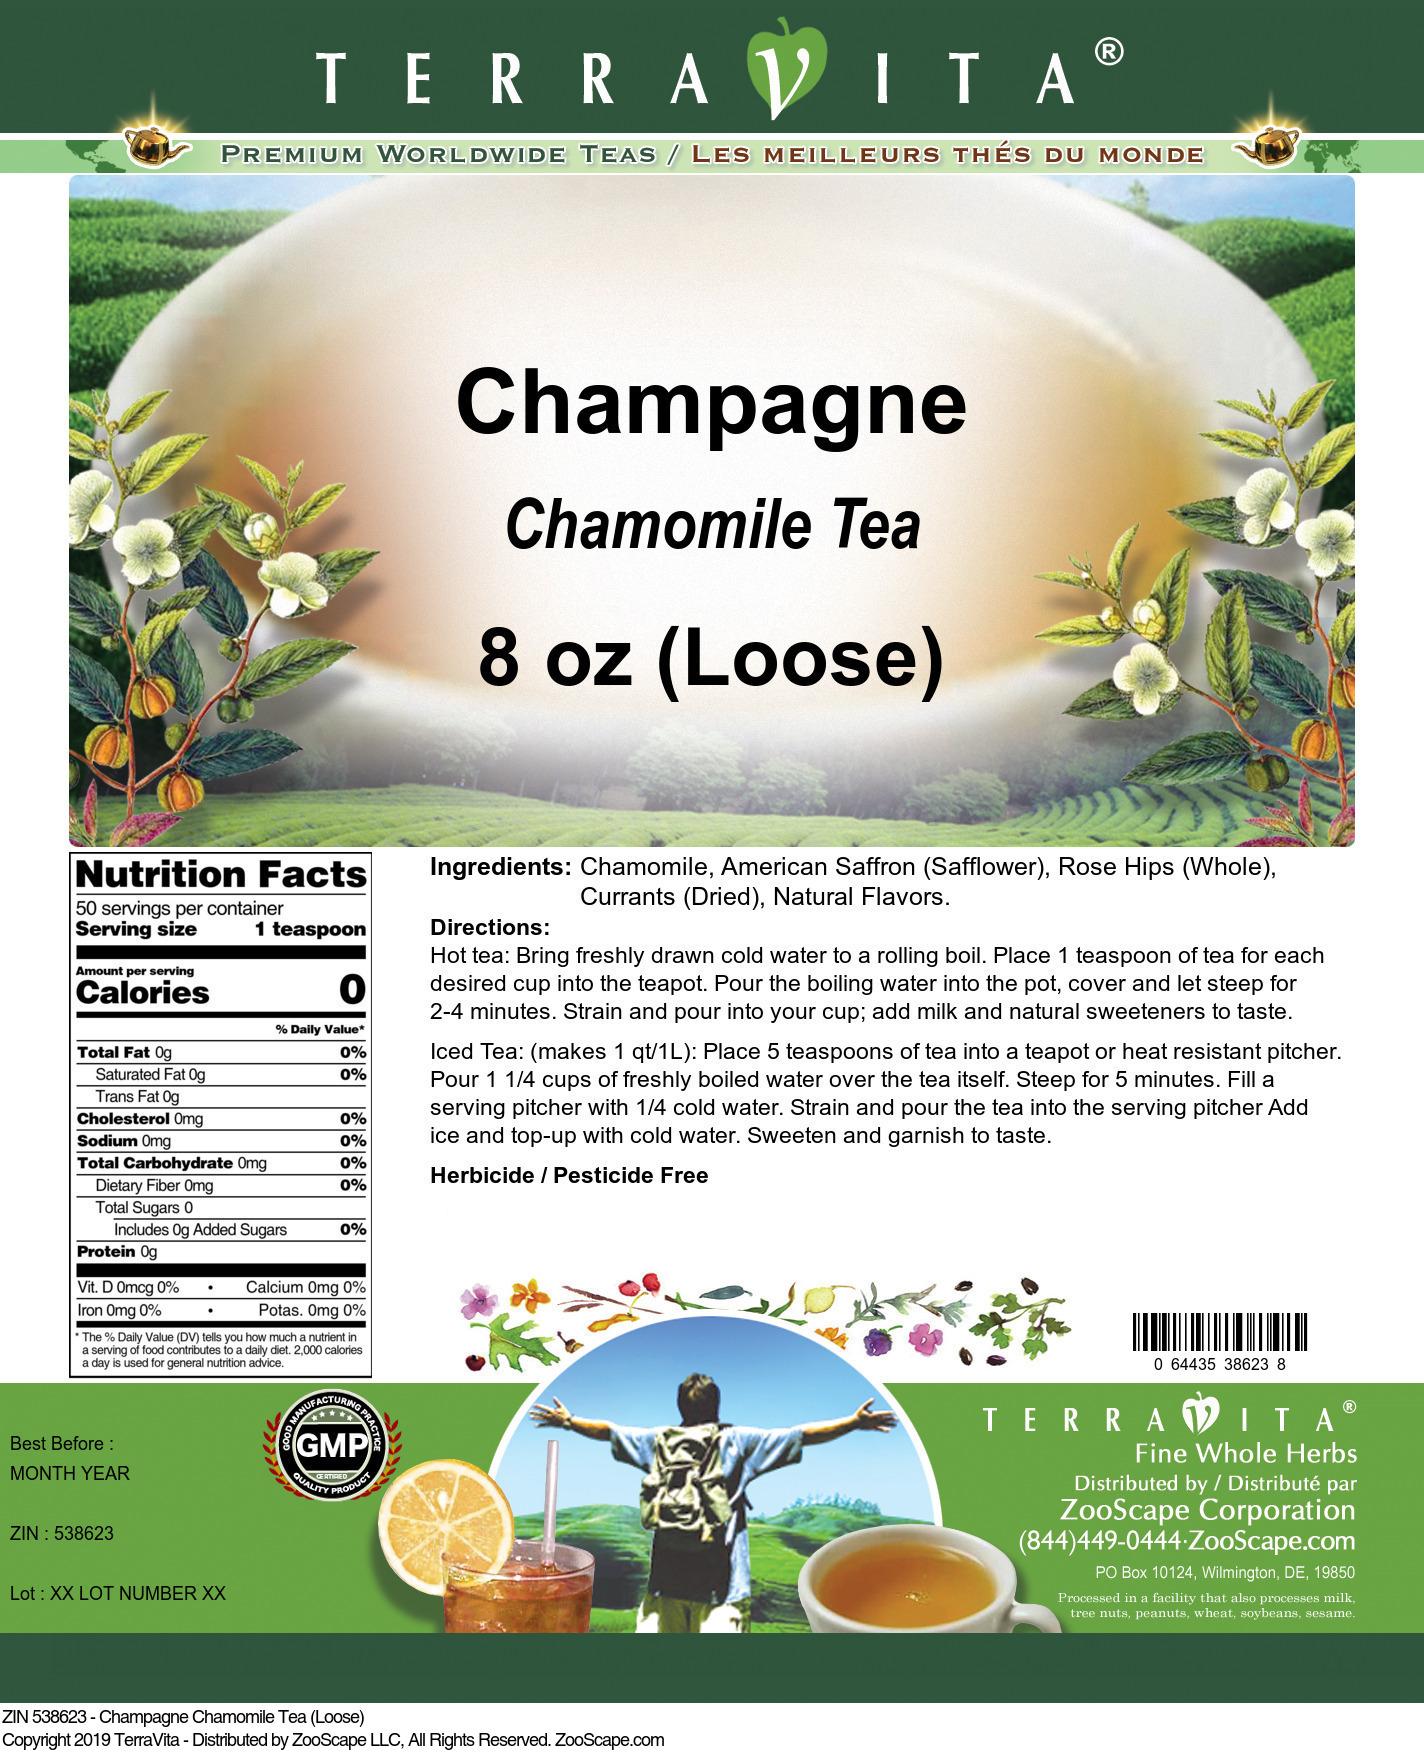 Champagne Chamomile Tea (Loose)